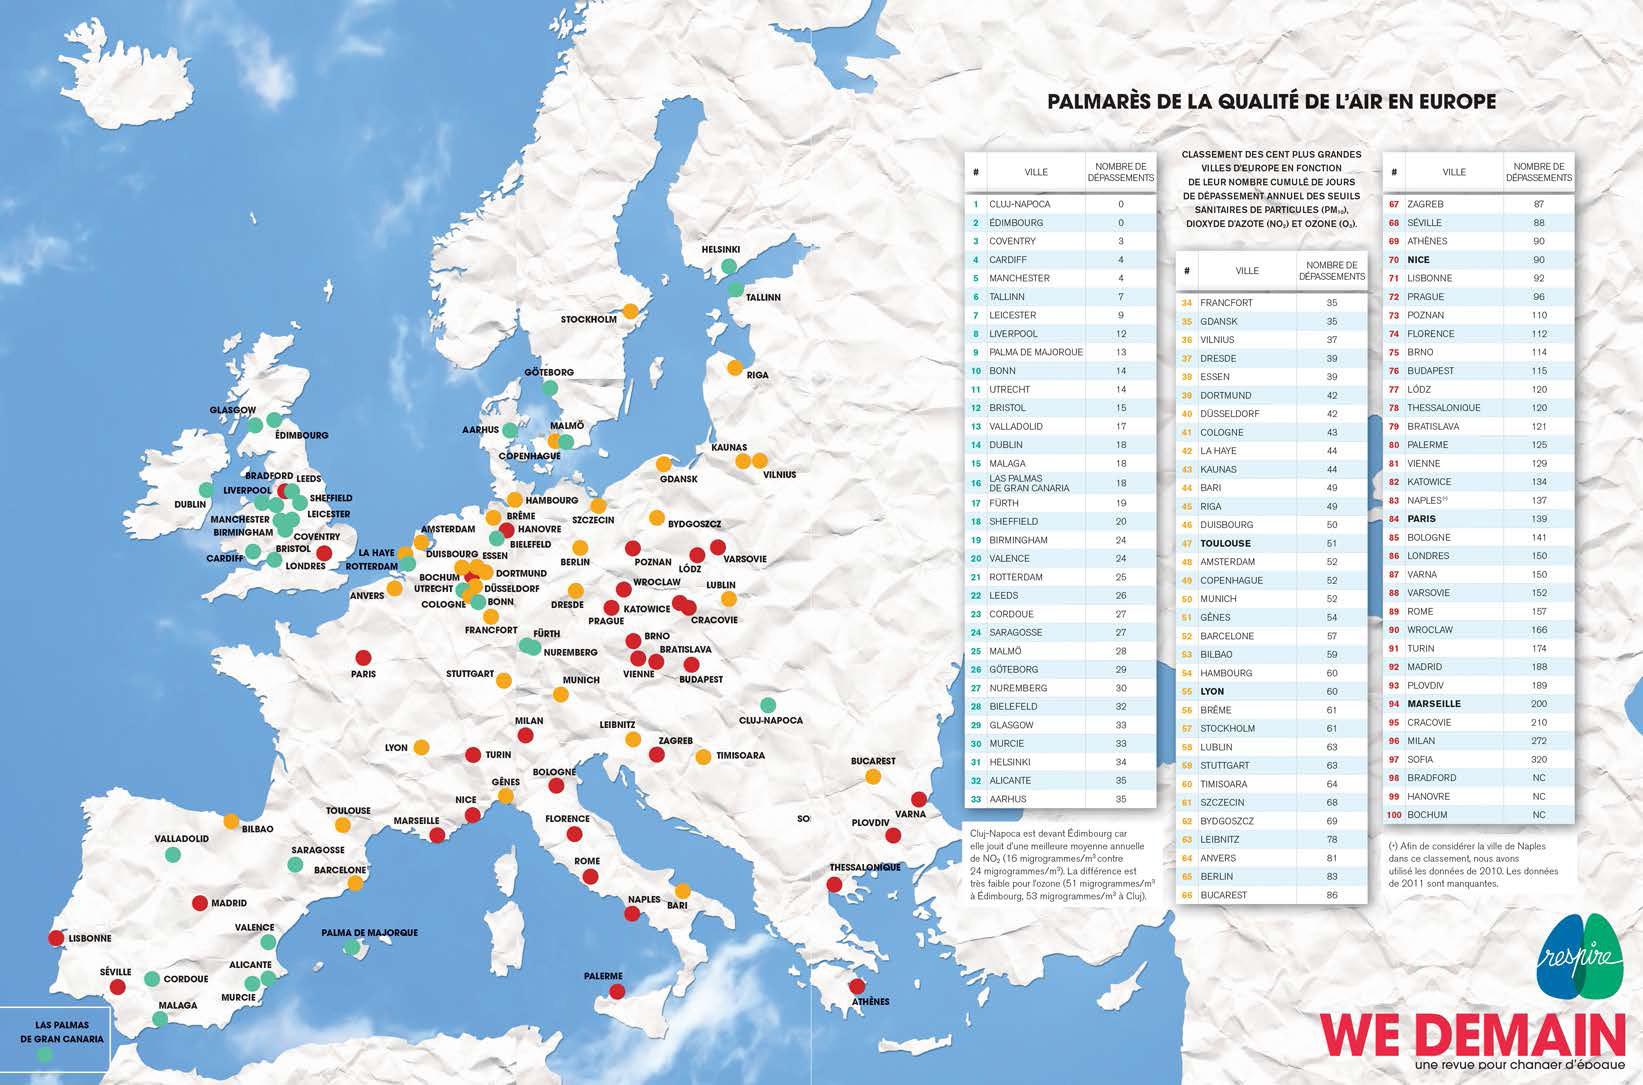 Mapa najmniej i najbardziej zanieczyszczonych miast w Europie [kliknij, aby powiększyć]